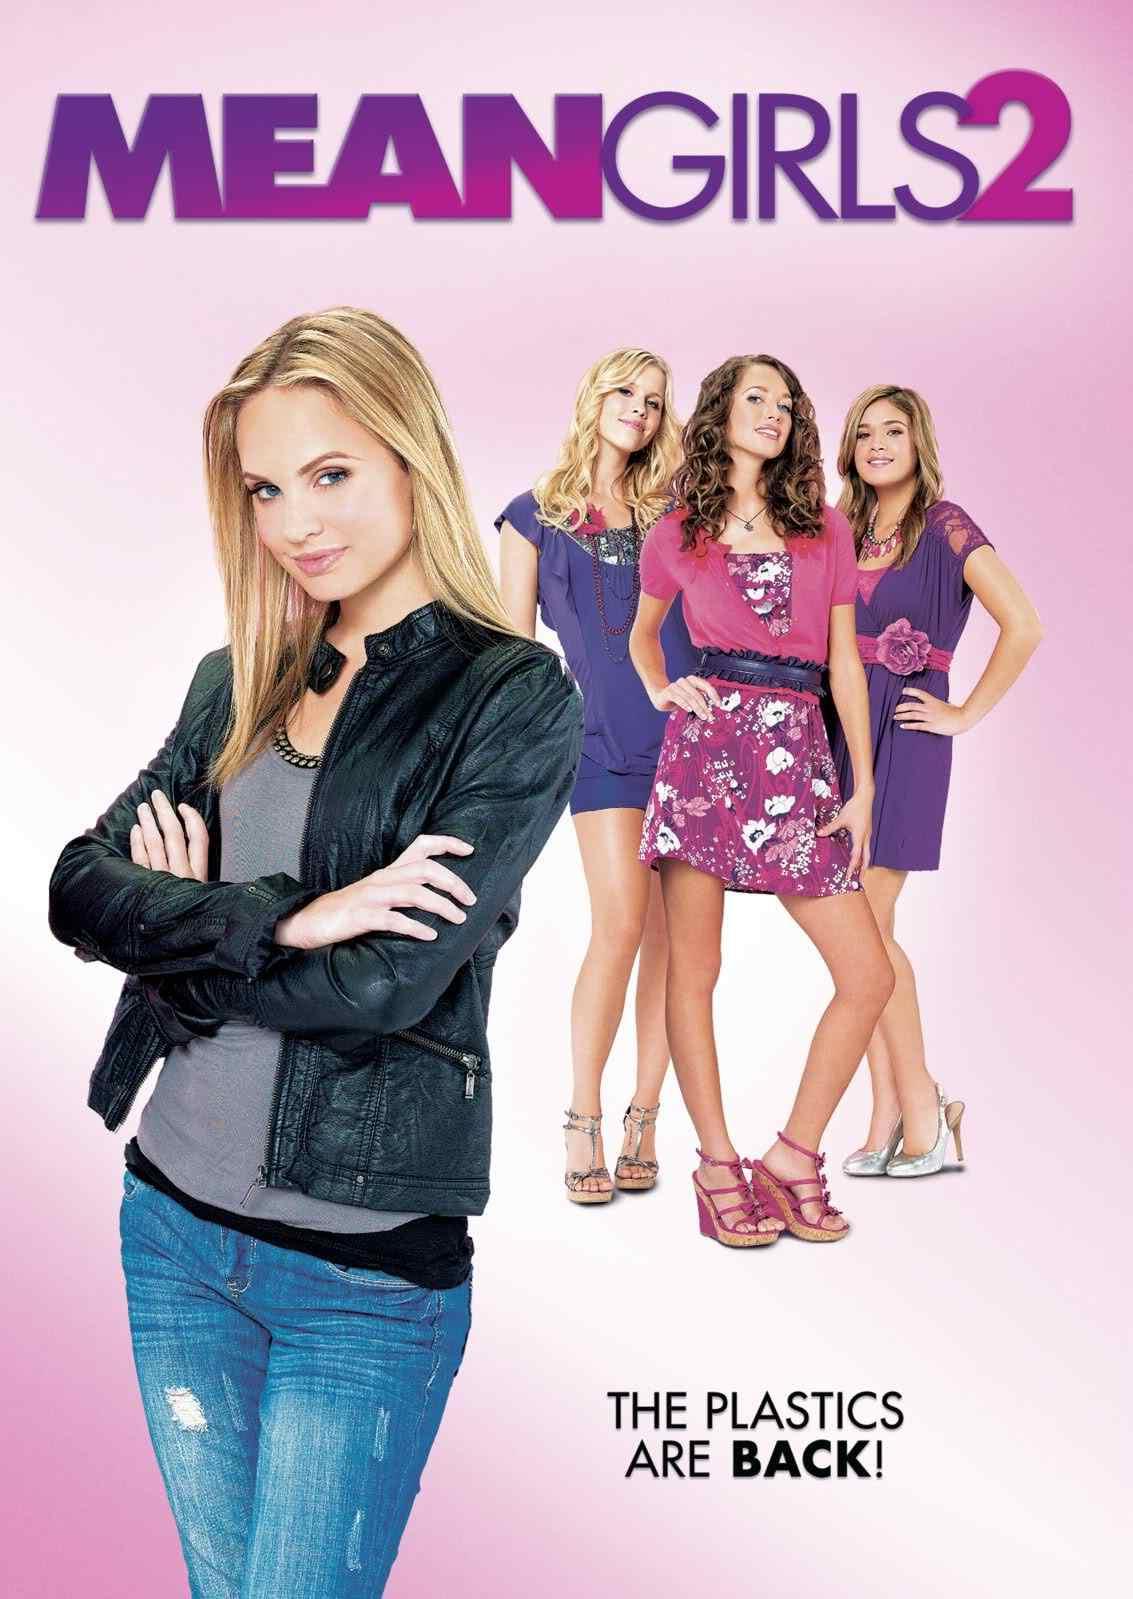 http://3.bp.blogspot.com/_fCAtMdq3Ayo/TT1zMGo0cRI/AAAAAAAAB_g/zOi9rtARxho/s1600/Mean_Girls_2.jpg